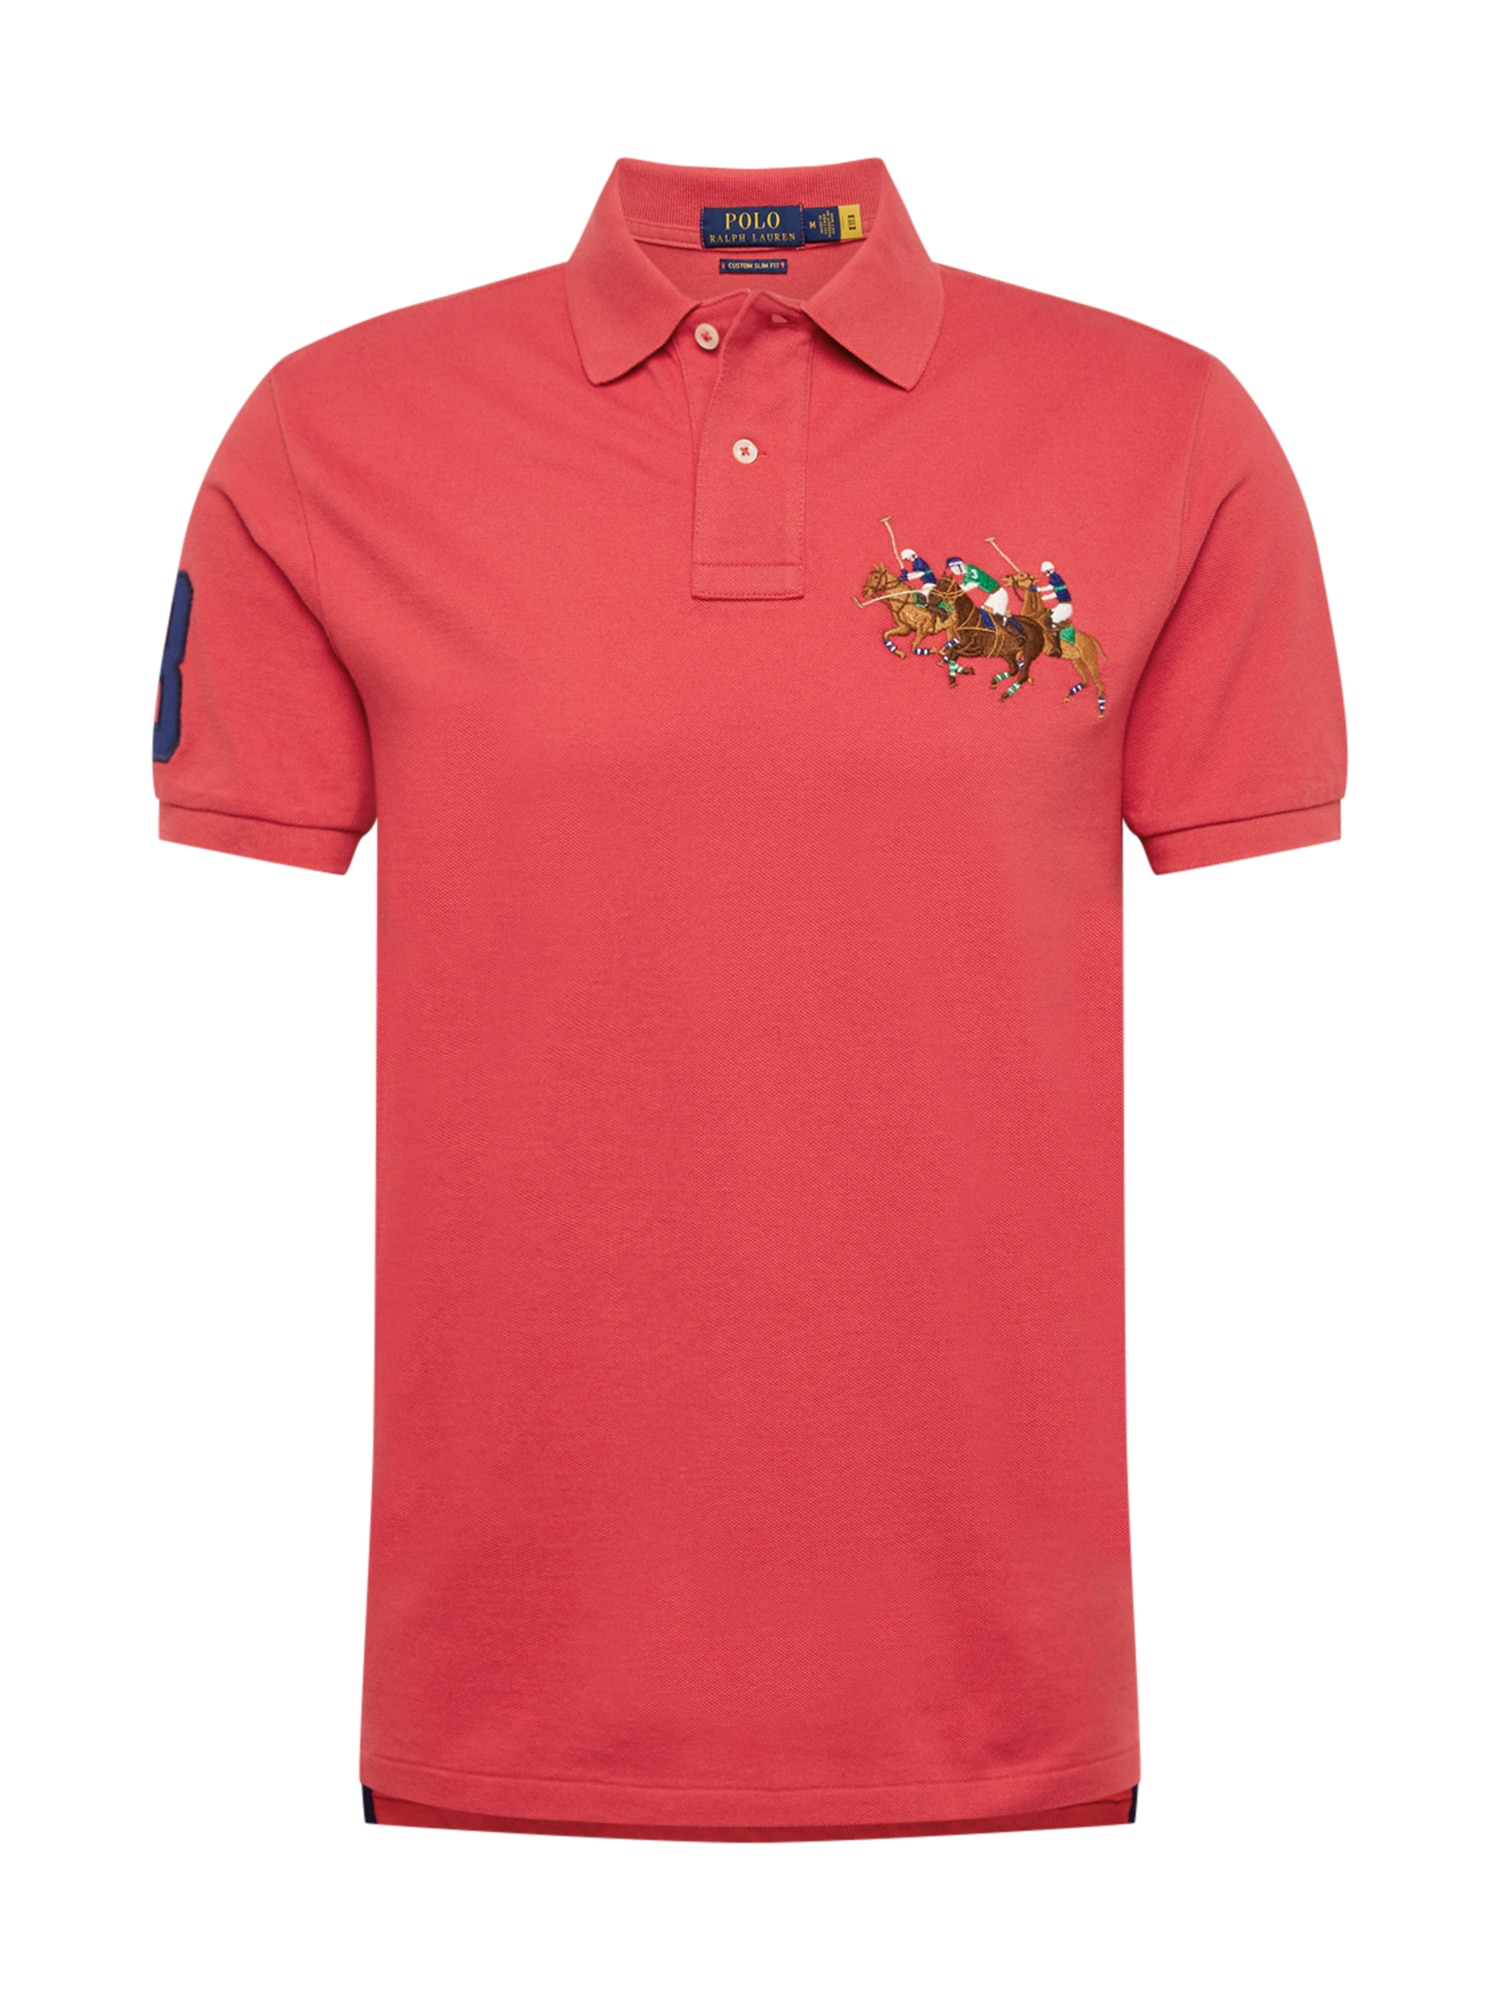 POLO RALPH LAUREN Marškinėliai raudona / mišrios spalvos